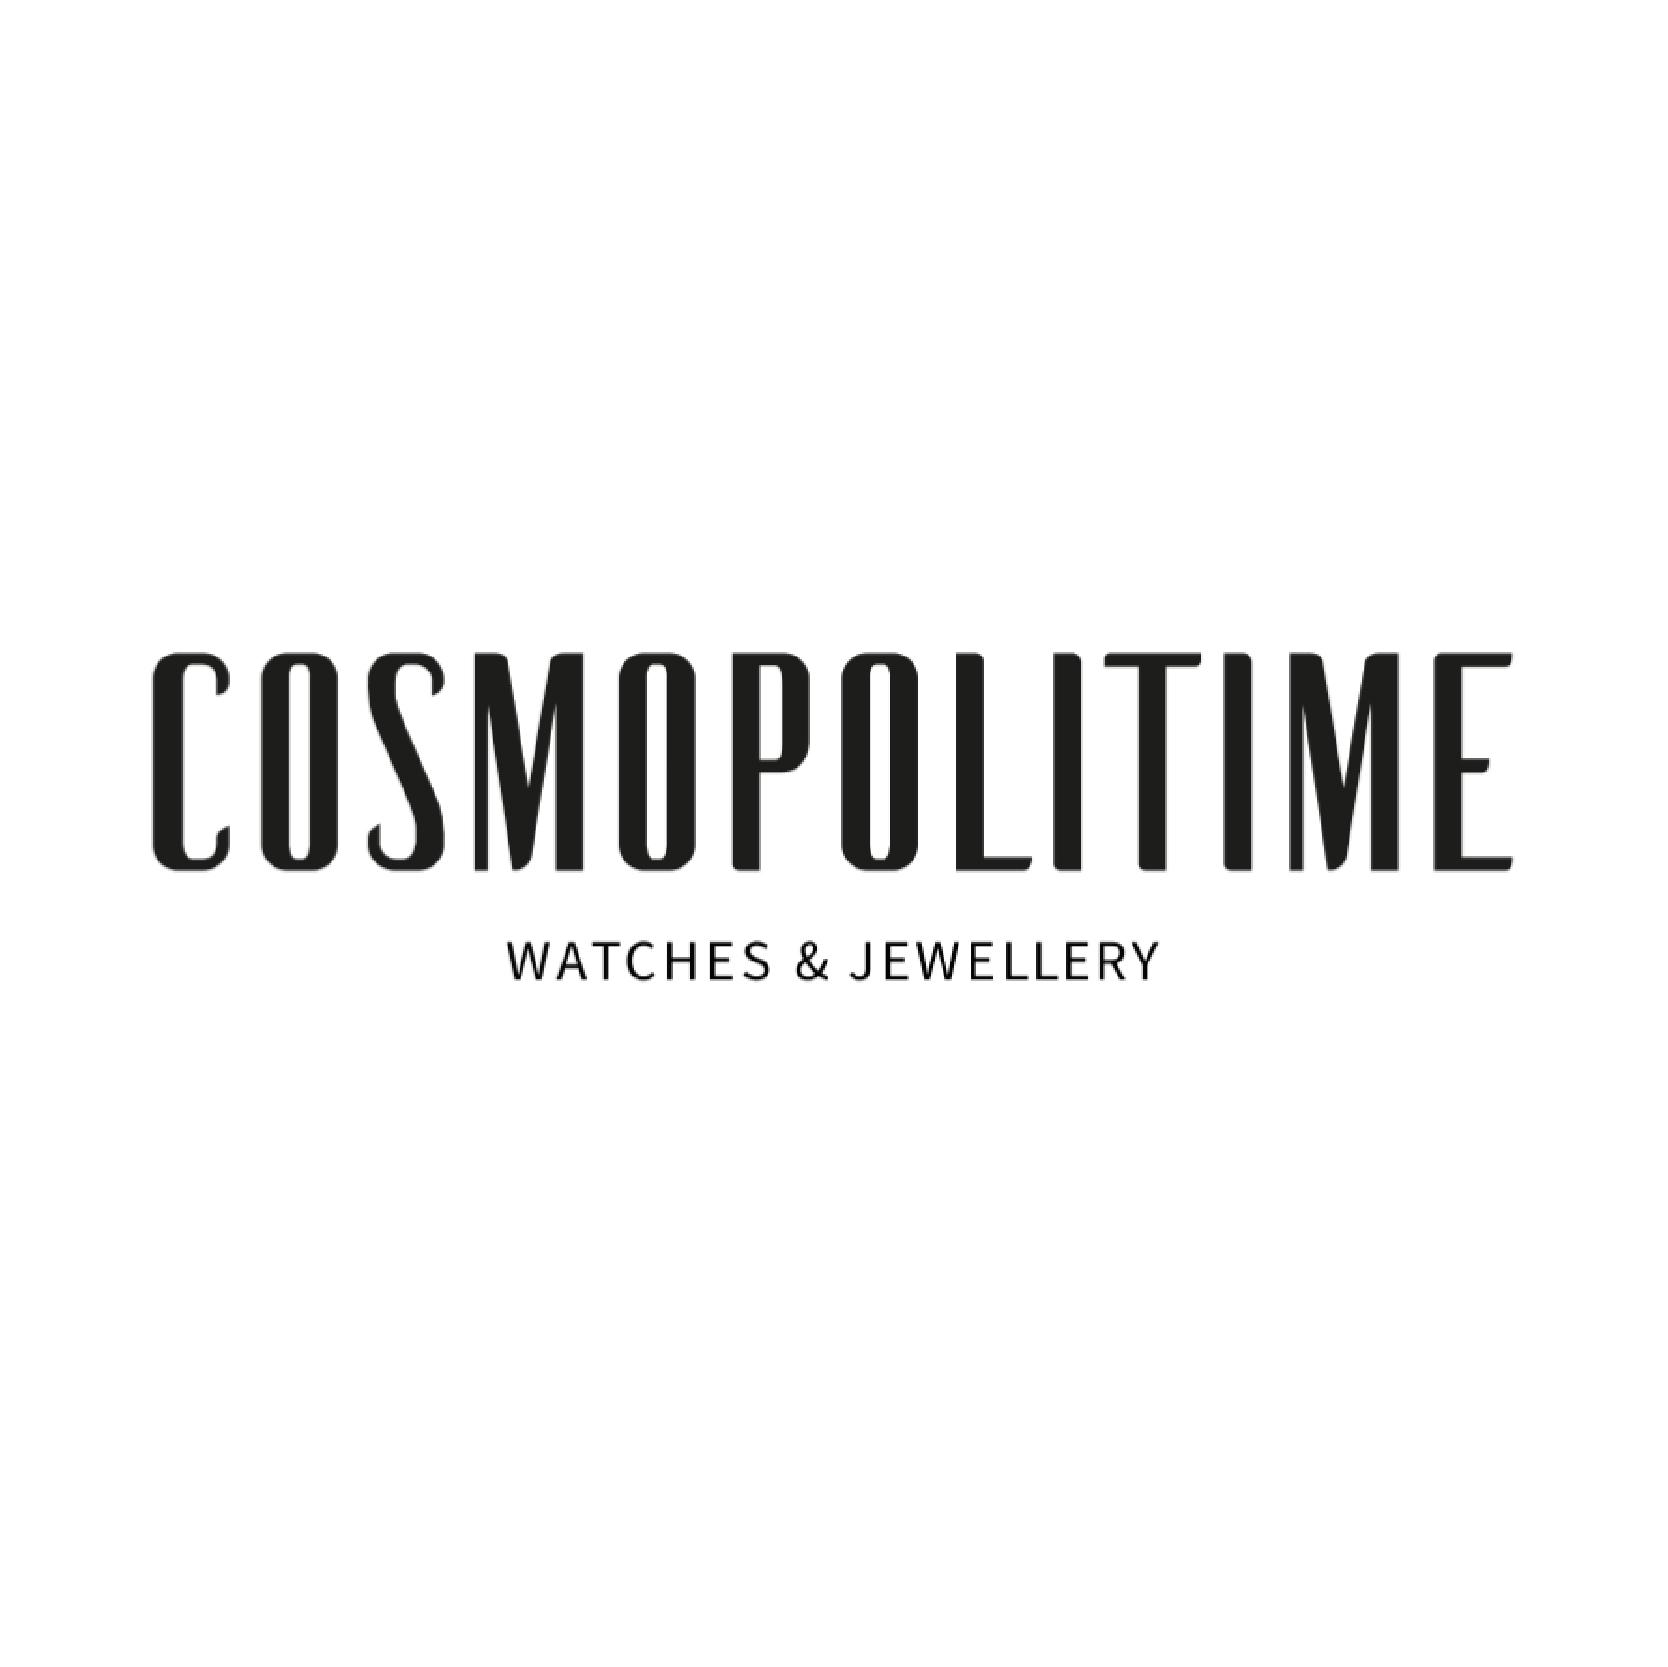 COSMOPOLITIME